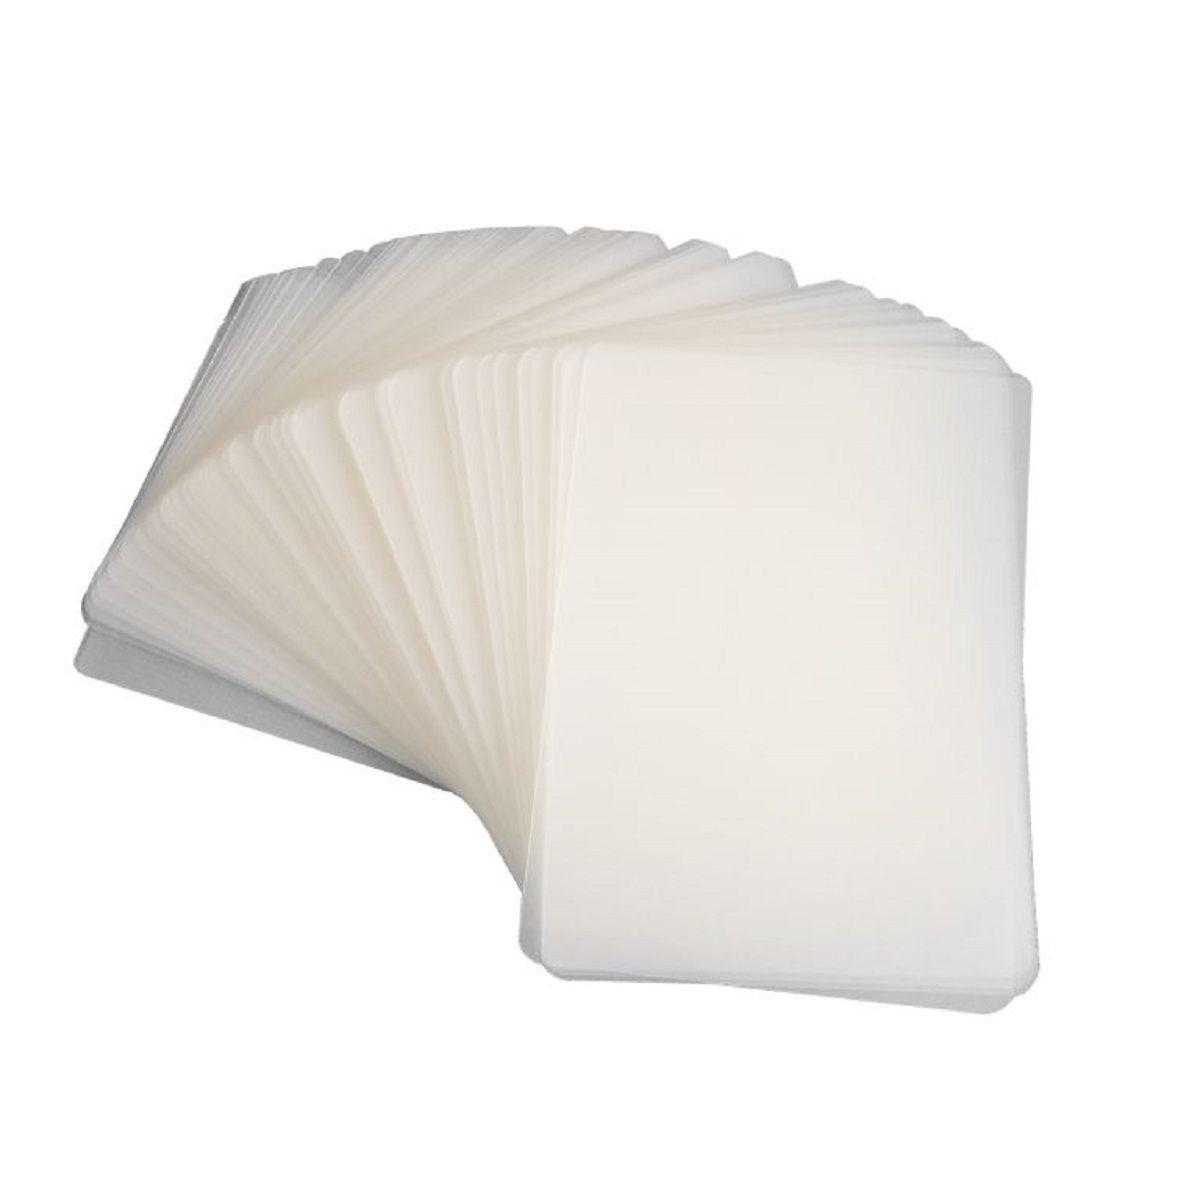 Kit 1000 Plásticos Polaseal para Plastificação Crachá 59x86x0,05mm (125 micras)  - Click Suprimentos